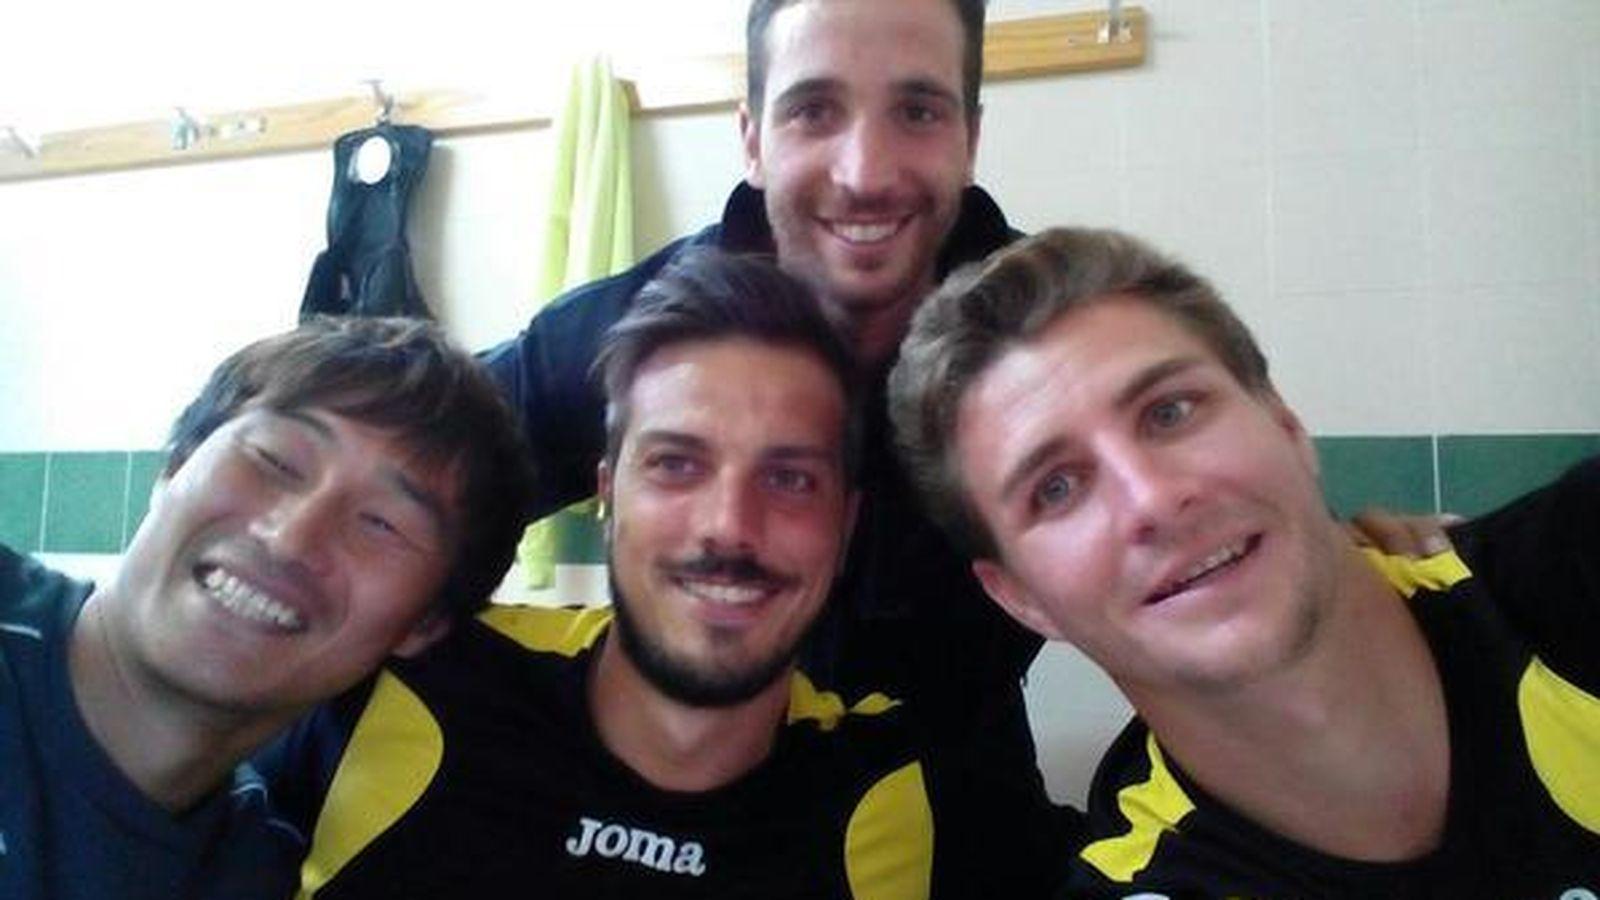 Foto: Imagen del cuerpo técnico del Club Deportivo Guijuelo junto a Sotaro Yasunaga (FOTO: www.clubdeportivoguijuelo.com)